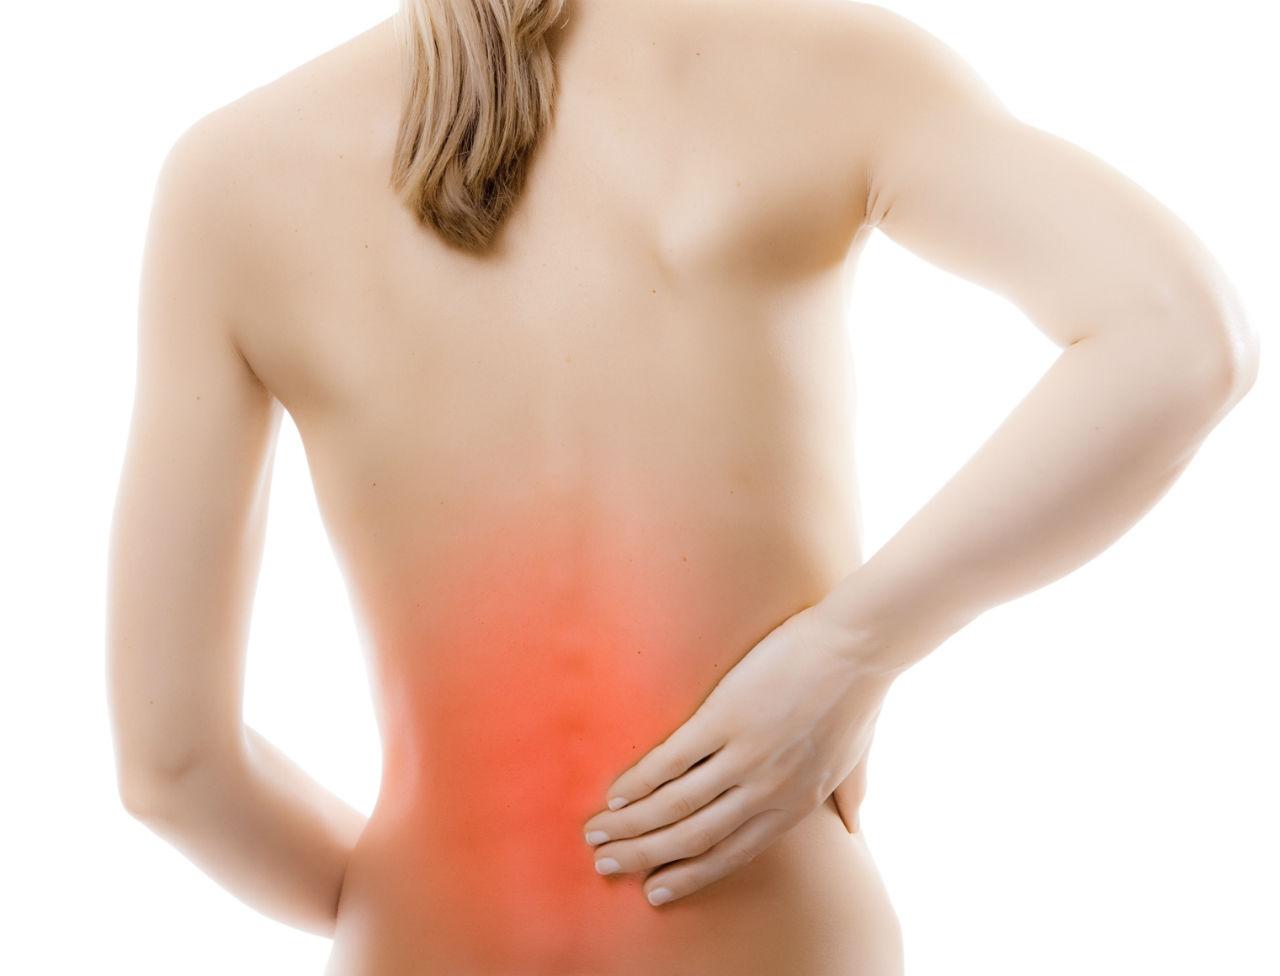 Πόνος στη μέση: Δείτε πως θα περάσει χωρίς φάρμακα